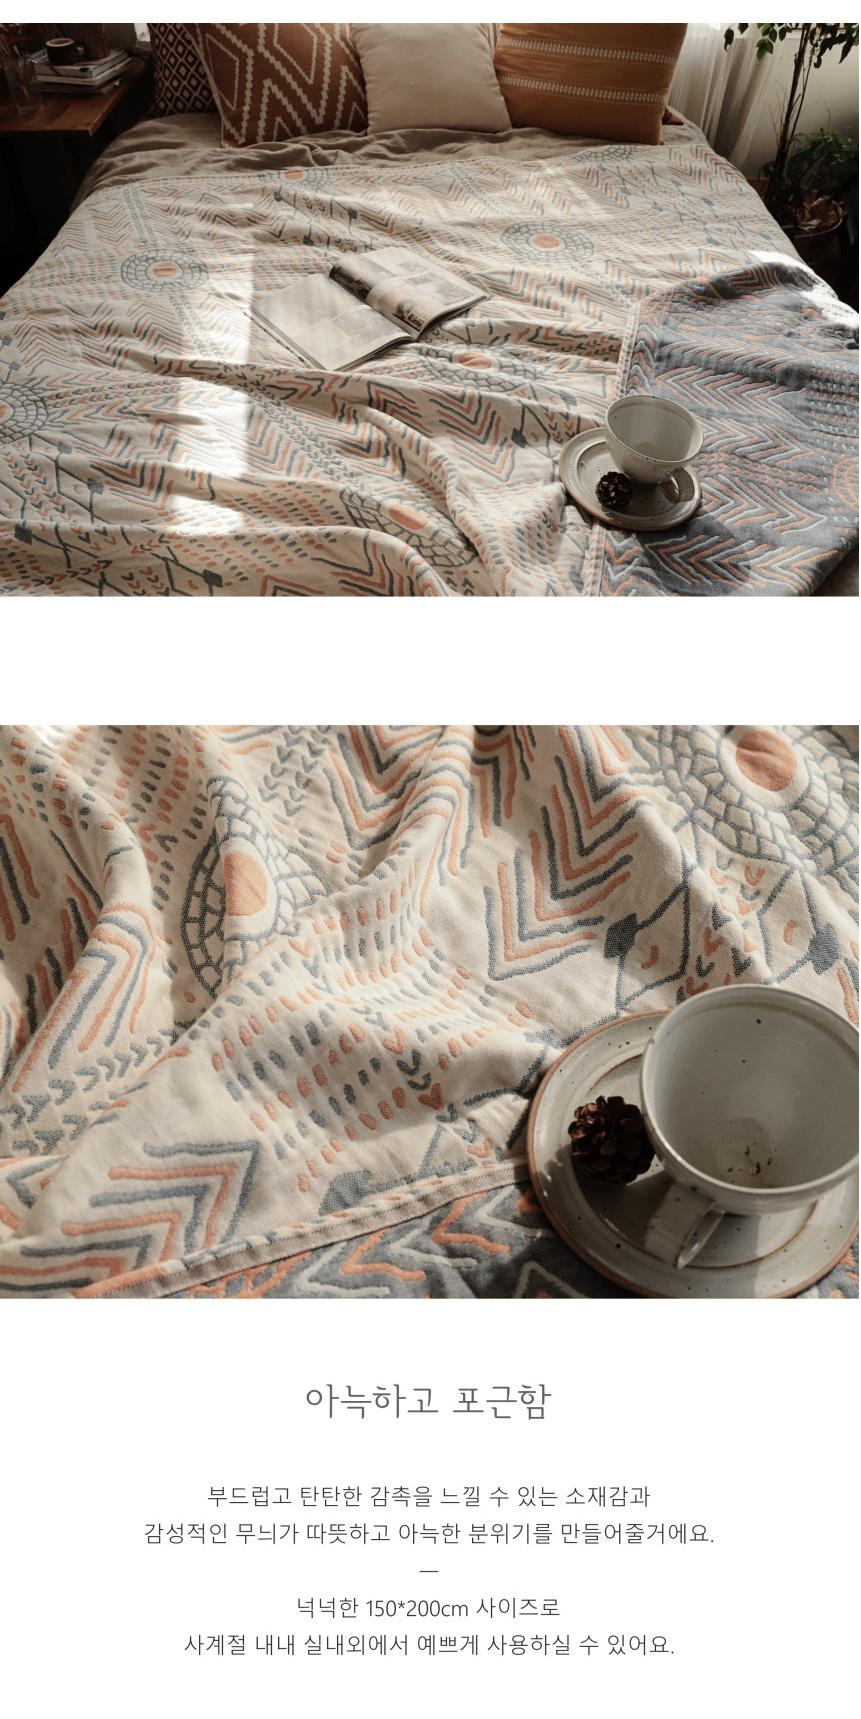 blanket_ethnic_03.jpg